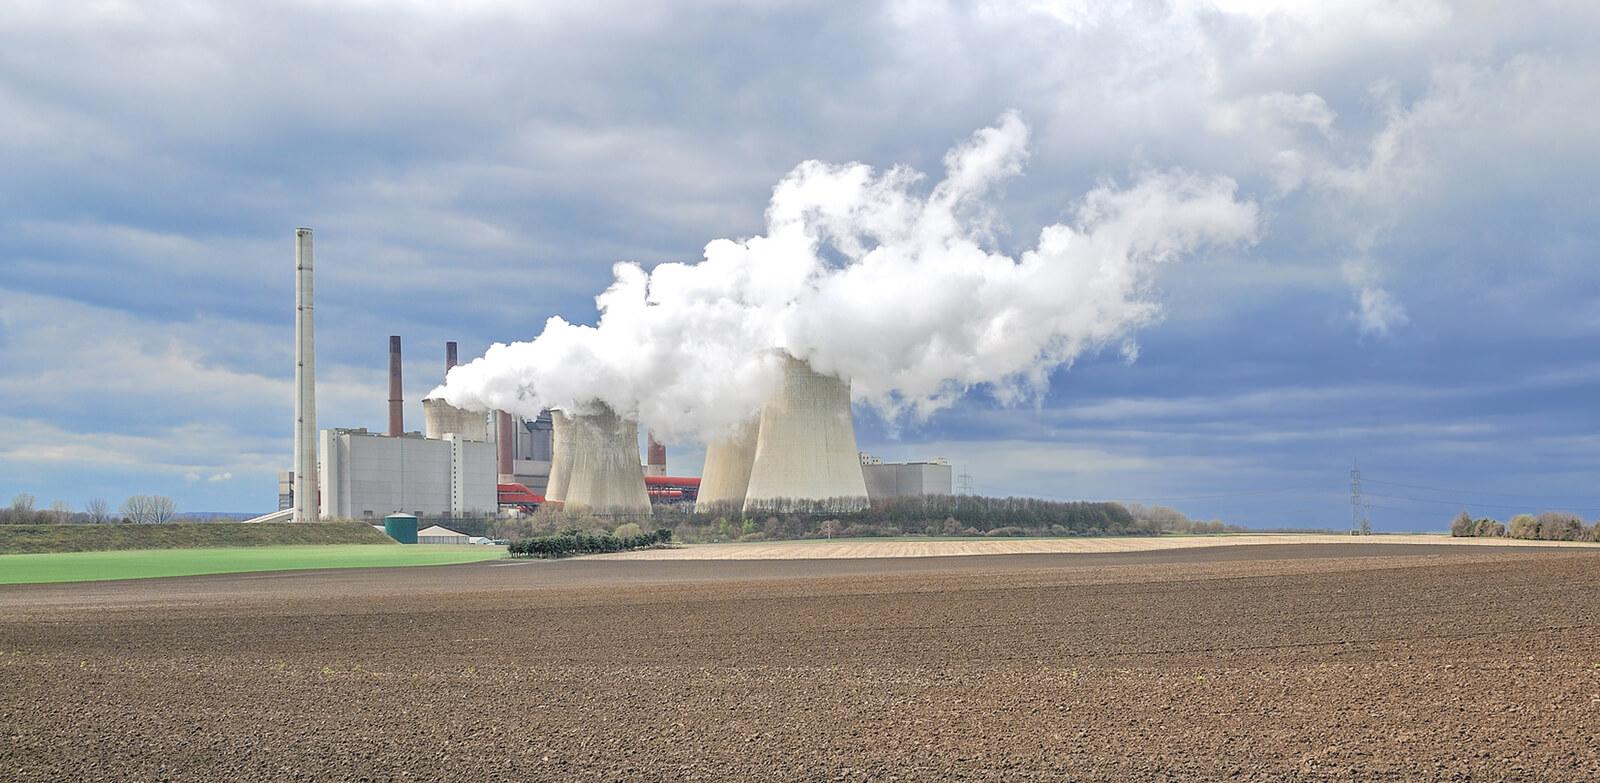 Braunkohlekraftwerk Neurath bei Grevenbroich (NRW).jpg